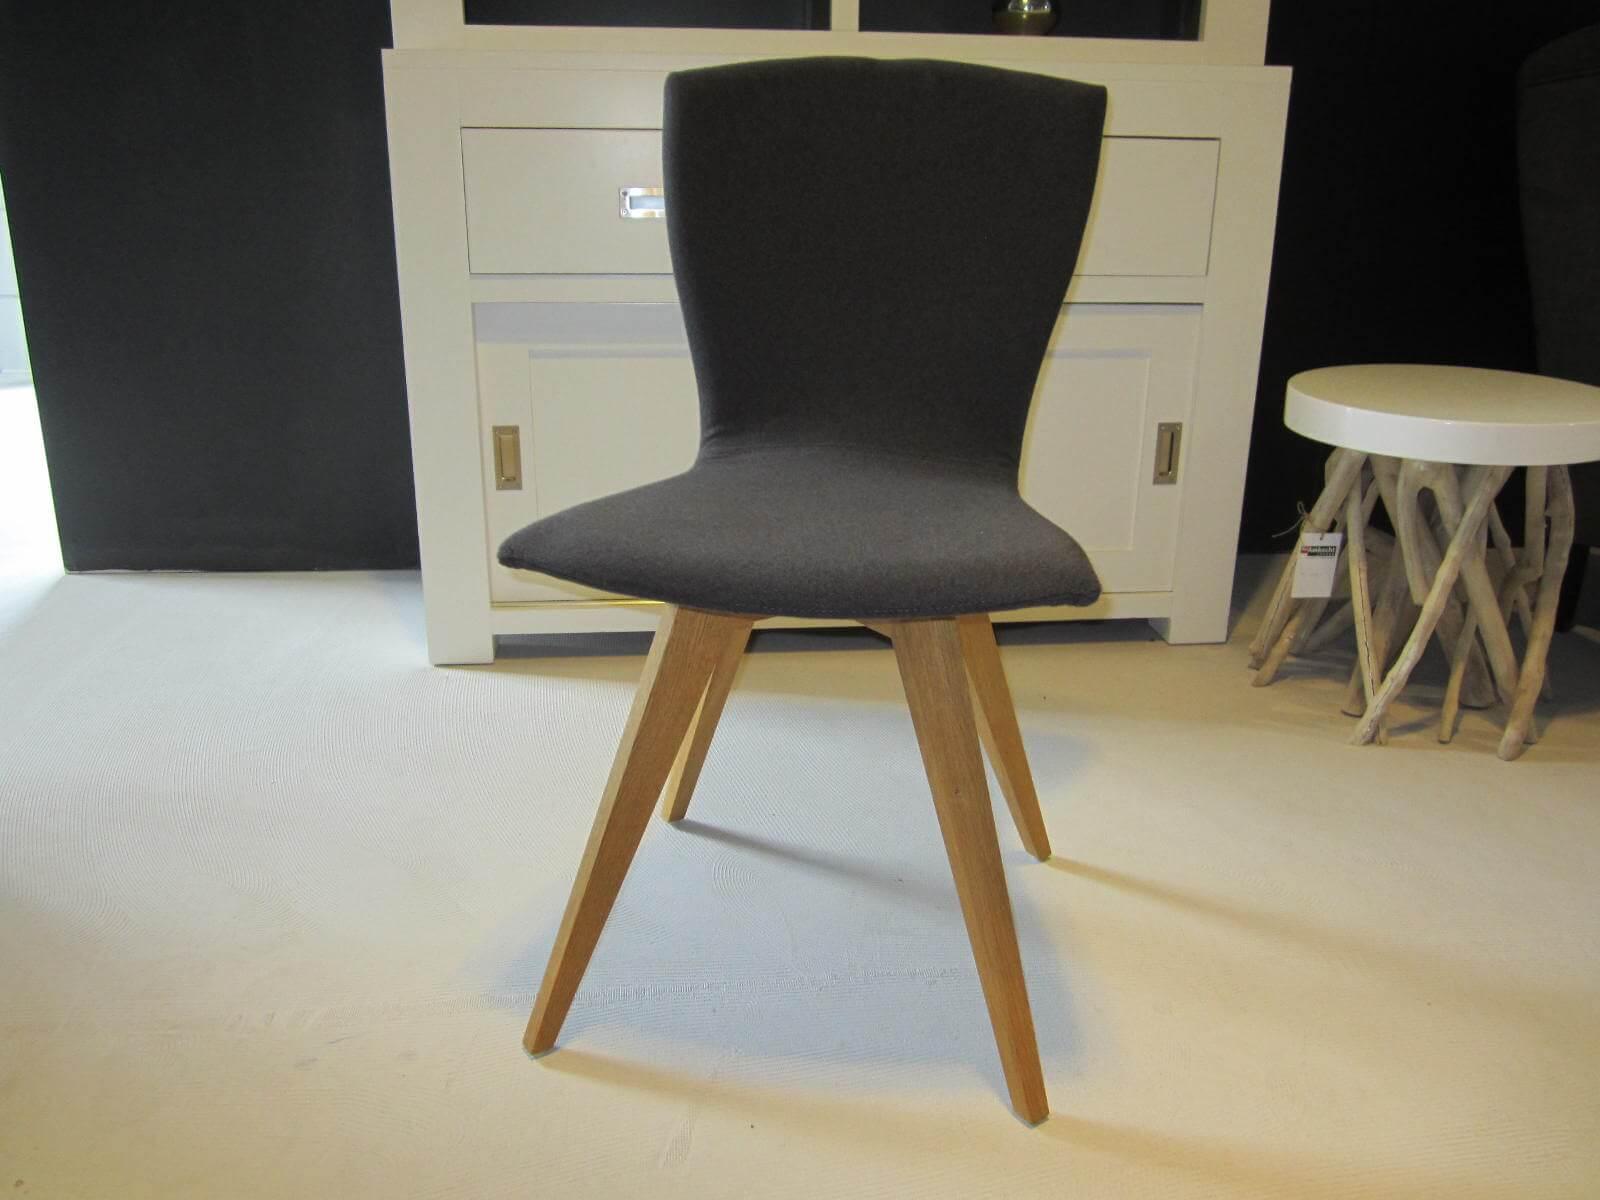 Moods Stoelen Mobitec : Moods by mobitec het ambacht losser woonwinkel meubelmakerij